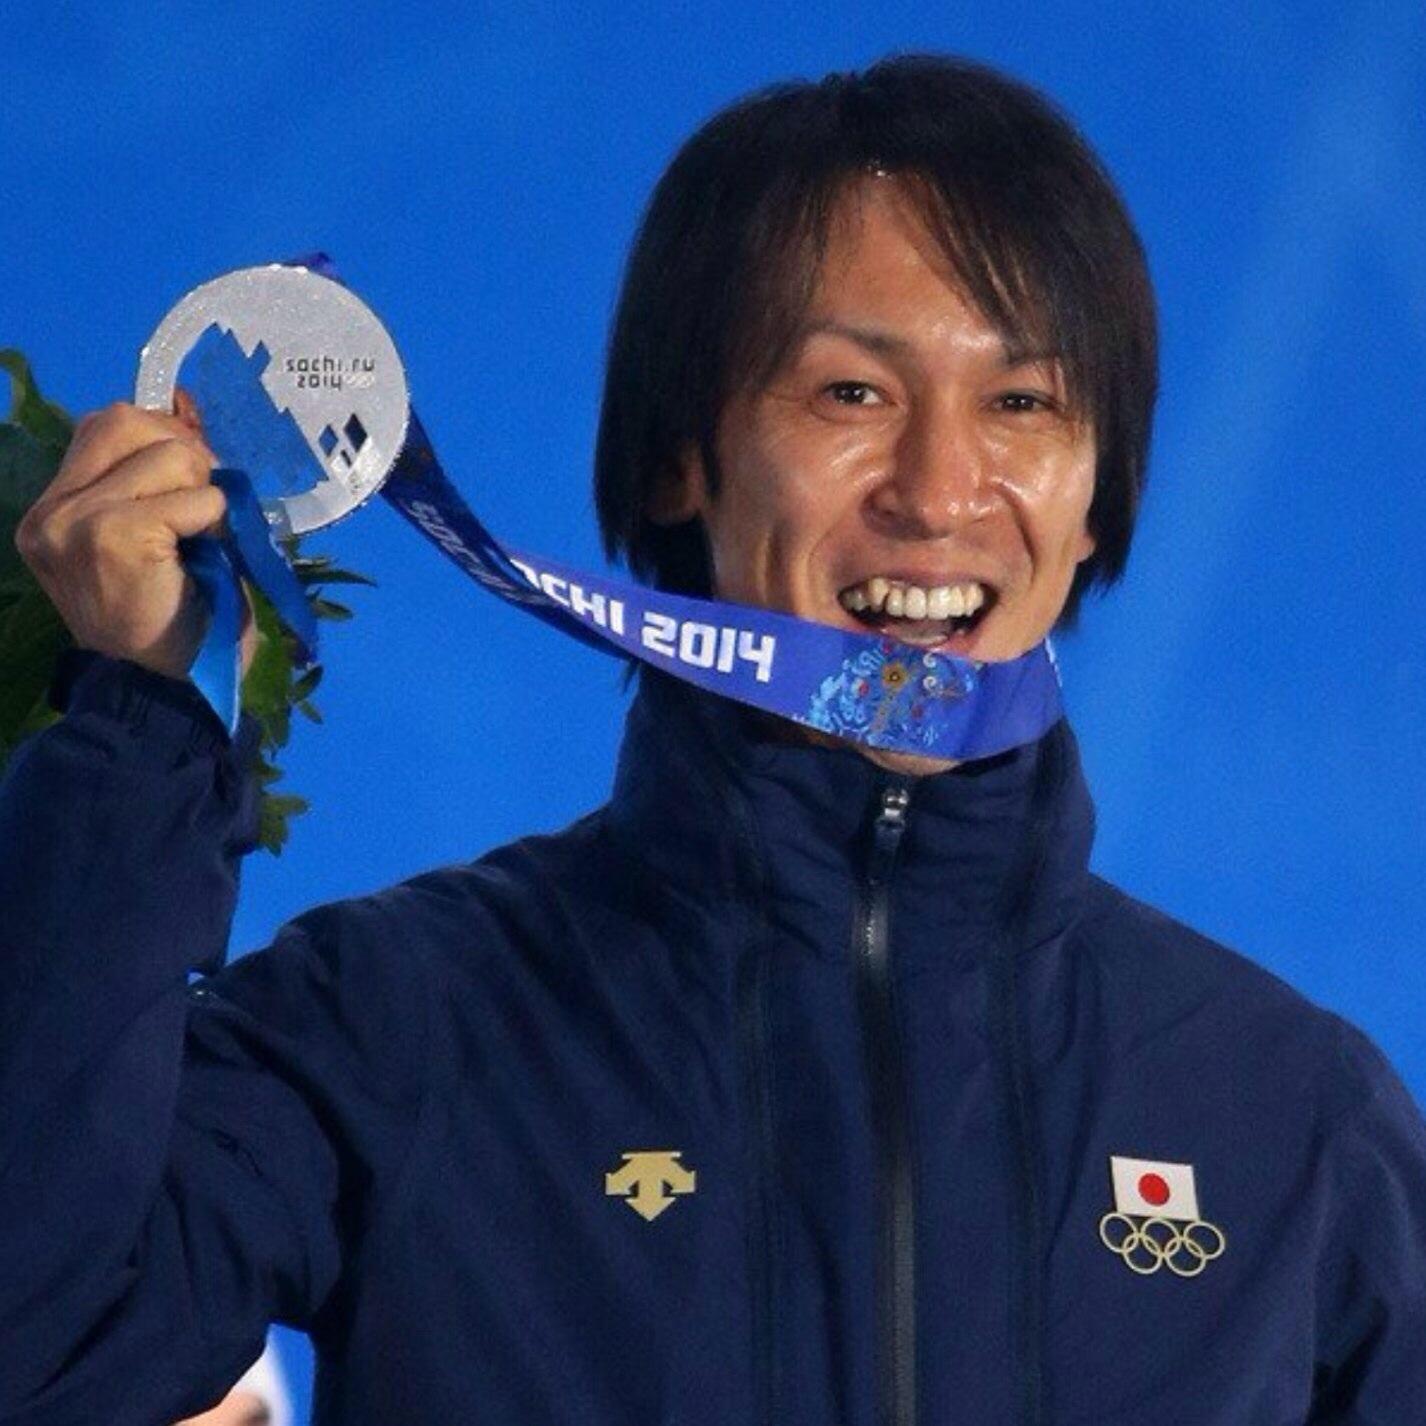 葛西紀明選手、銀メダル獲得